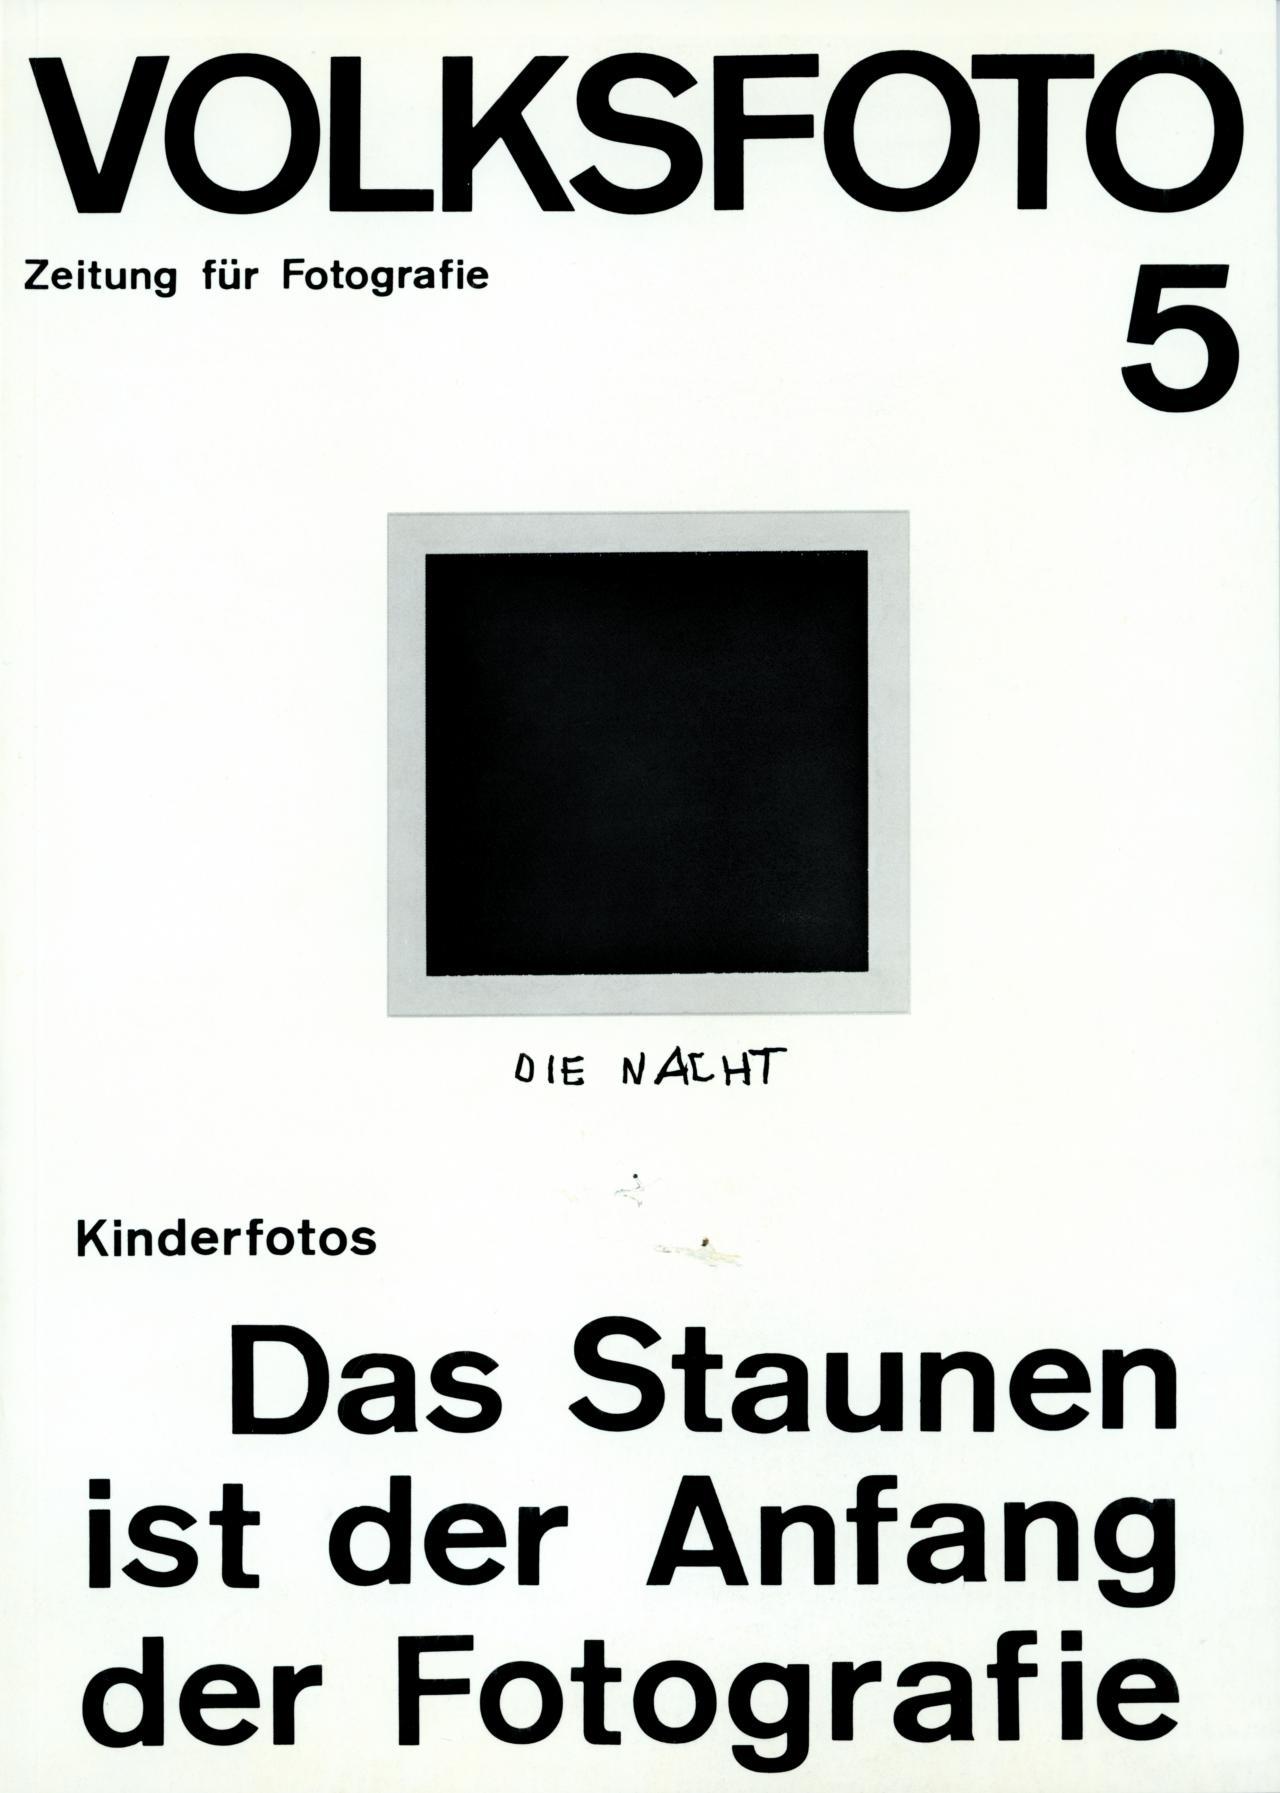 Dieter Hacker und Andreas  Seltzer (Hg.), Volksfoto. Zeitung für Fotografie. Kinderfotos. Das Staunen ist der Anfang der Fotografie, Nr. 5, 7. Produzentengalerie, Berlin, 1979.